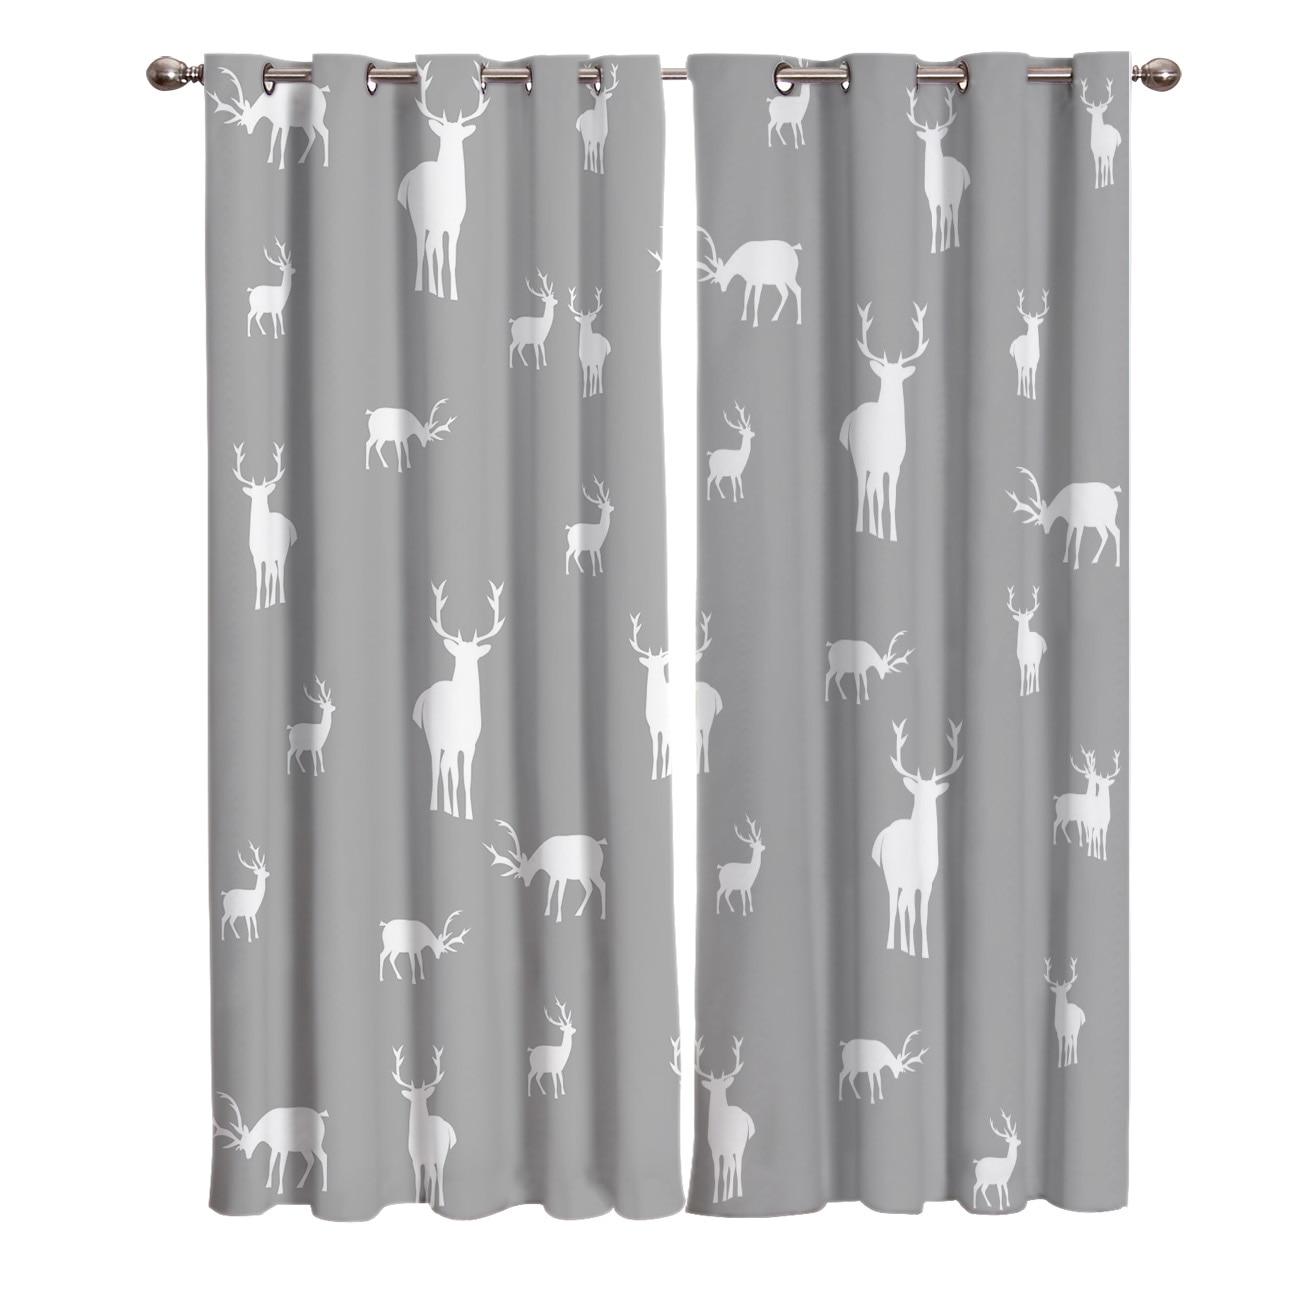 Us 13 62 35 Off Christmas Gray Deer Room Curtains Large Window Curtain Lights Living Room Bathroom Indoor Floral Window Treatment Valances On